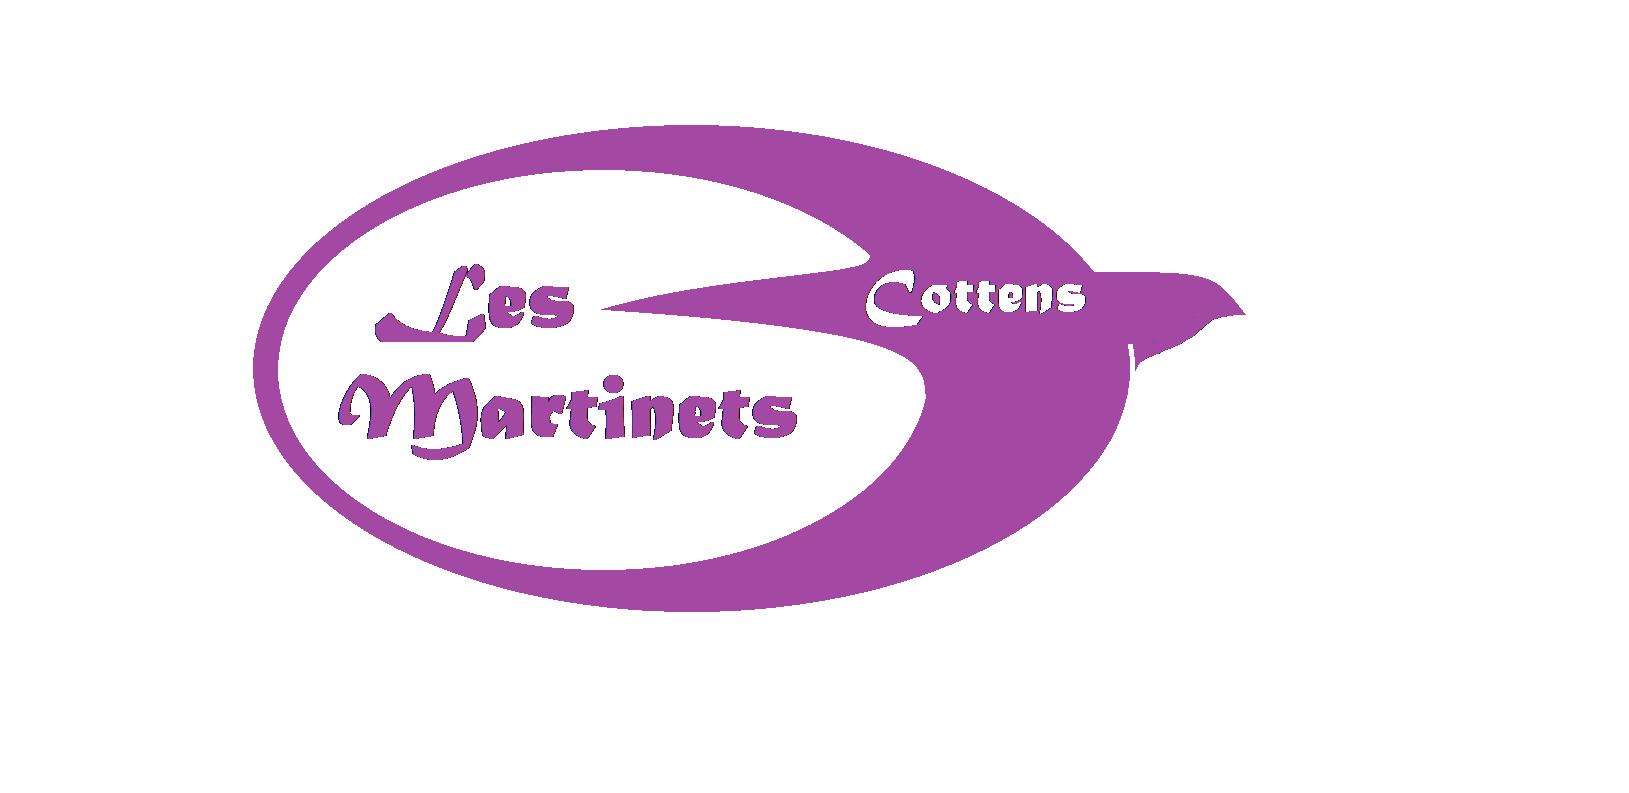 Les Martinets de Cottens